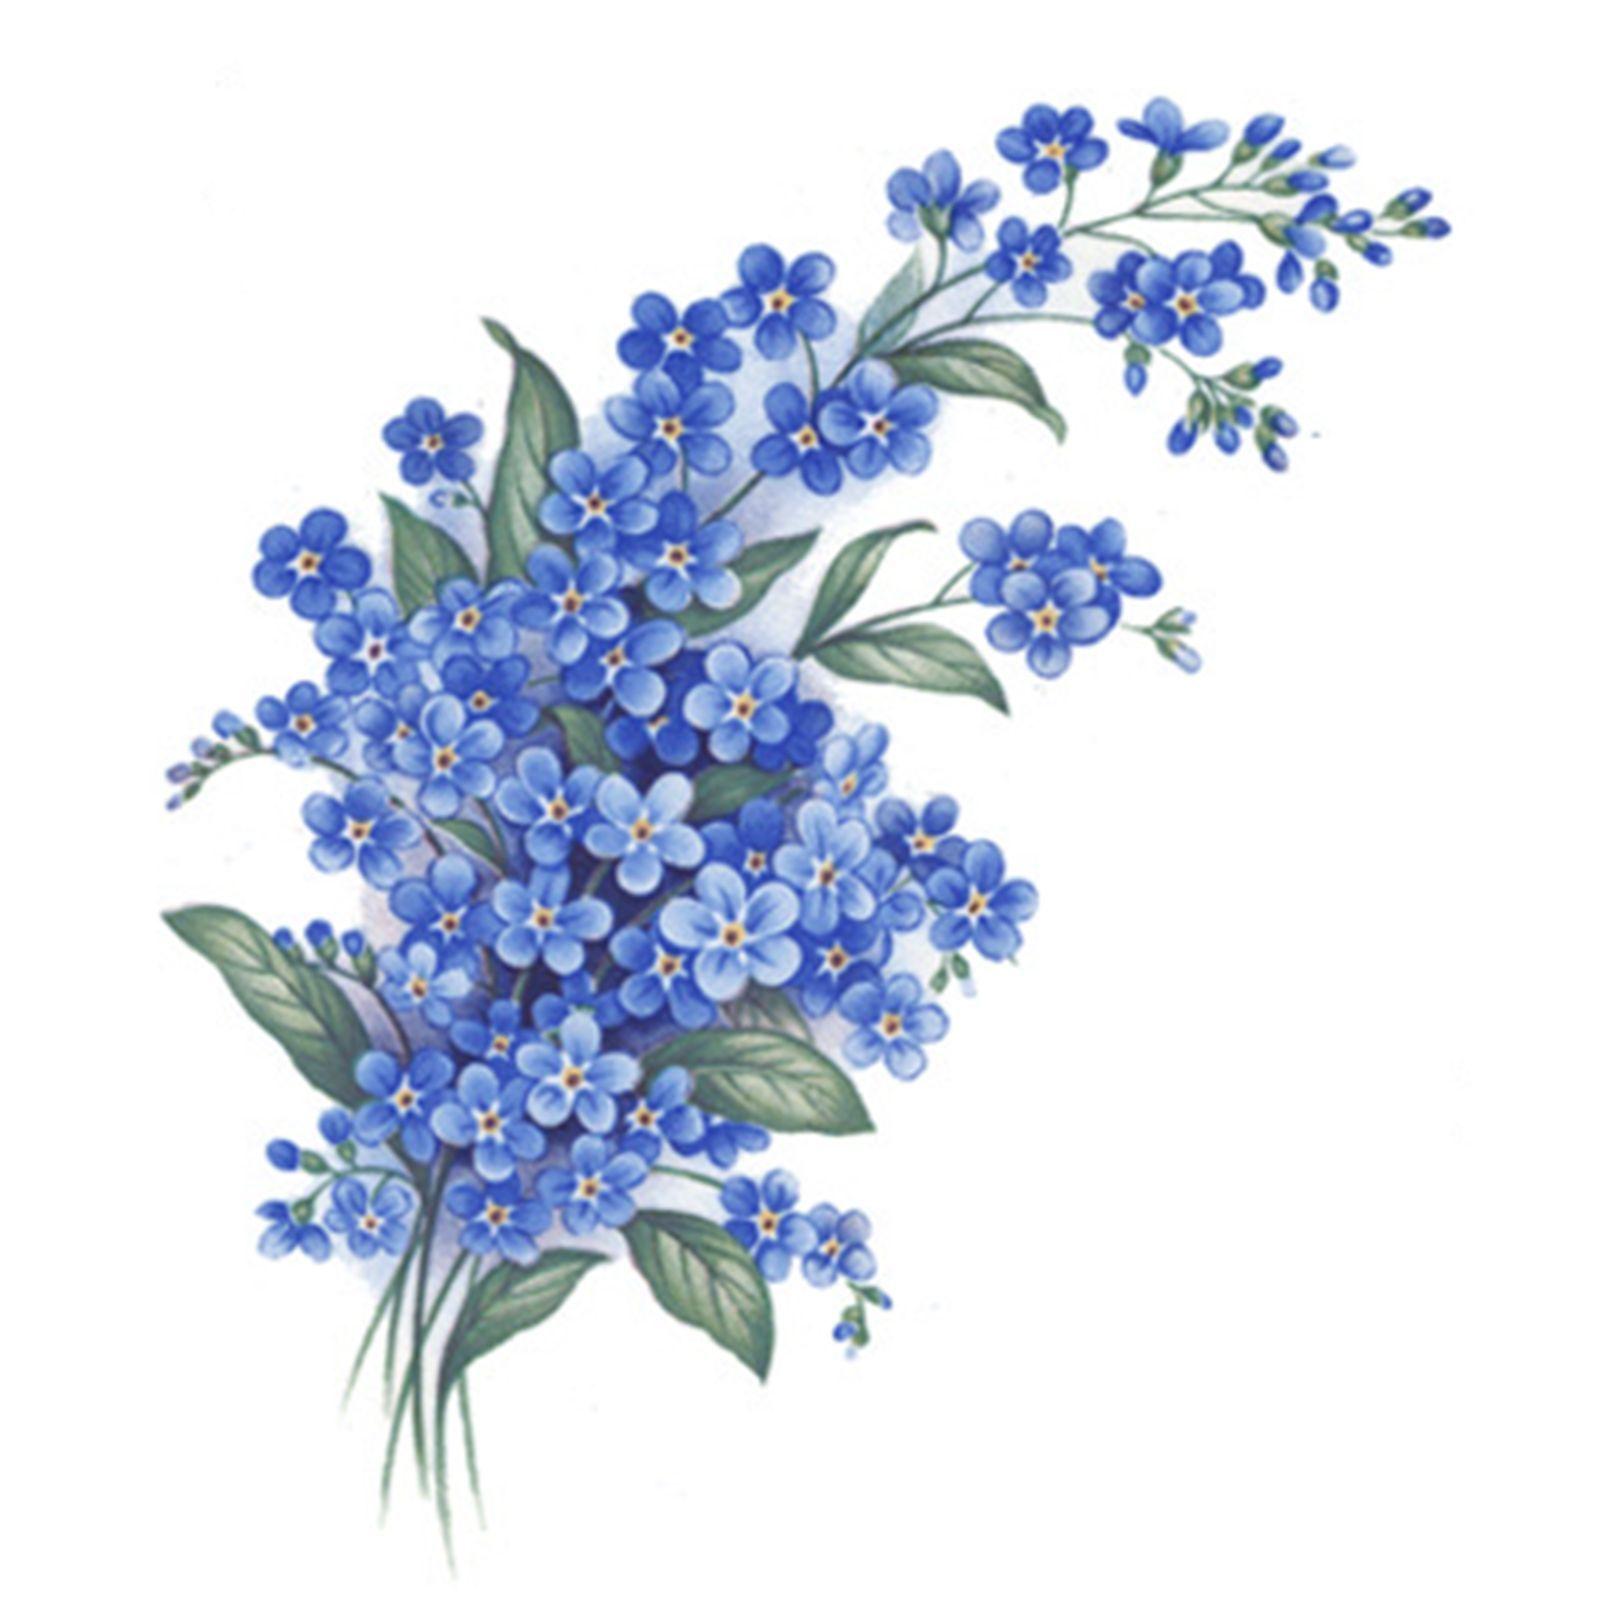 Картинки незабудки цветы нарисованные, картинка анимация открытки